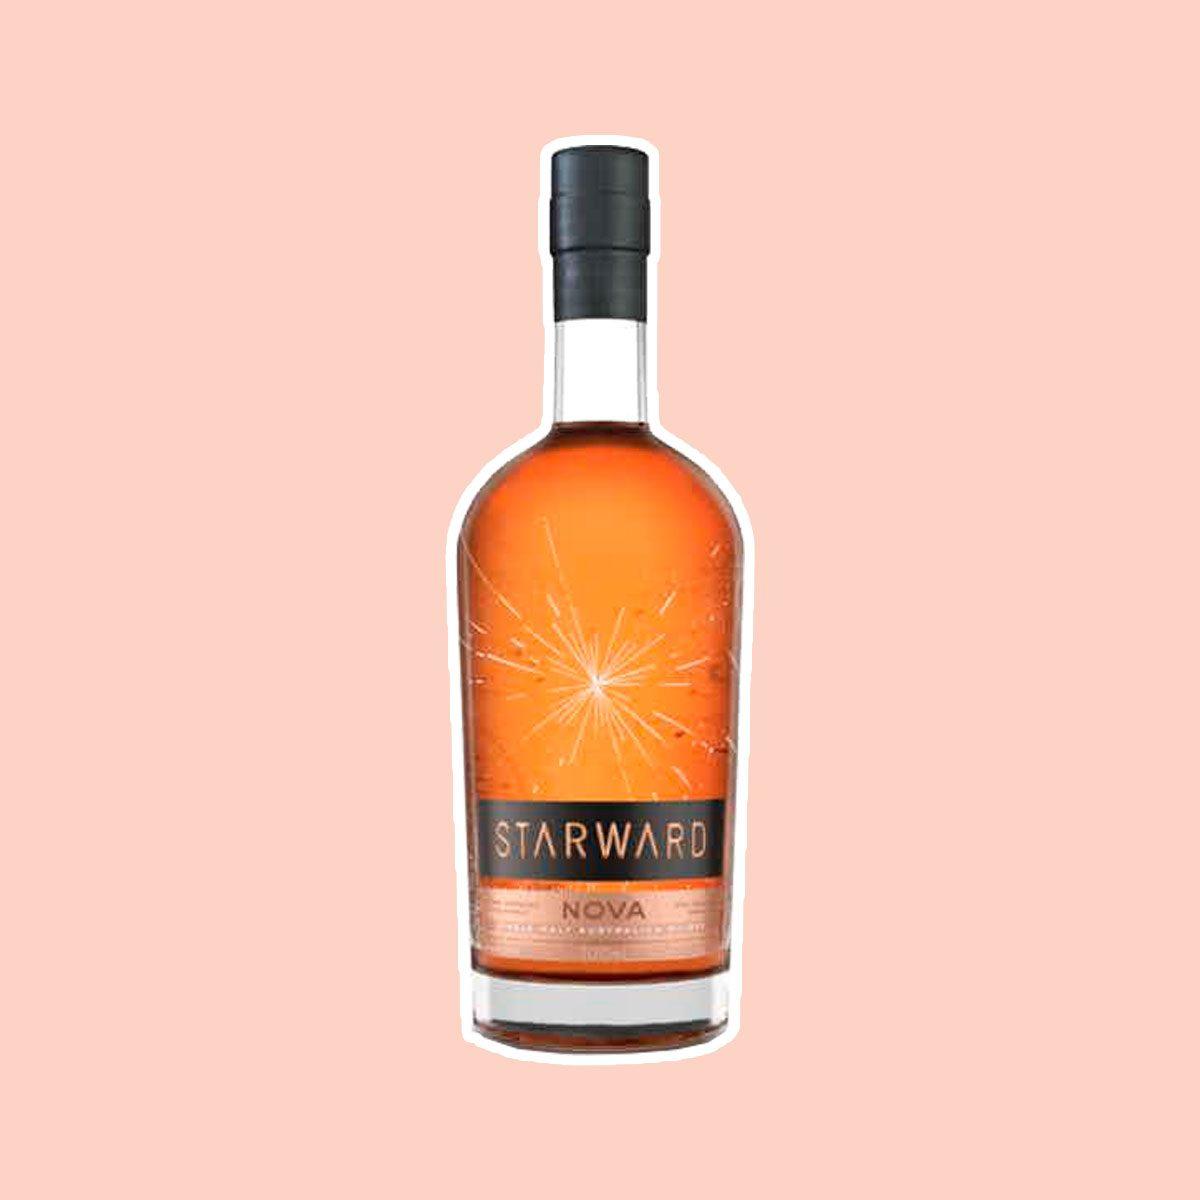 Starward Nova Single Malt Whisky